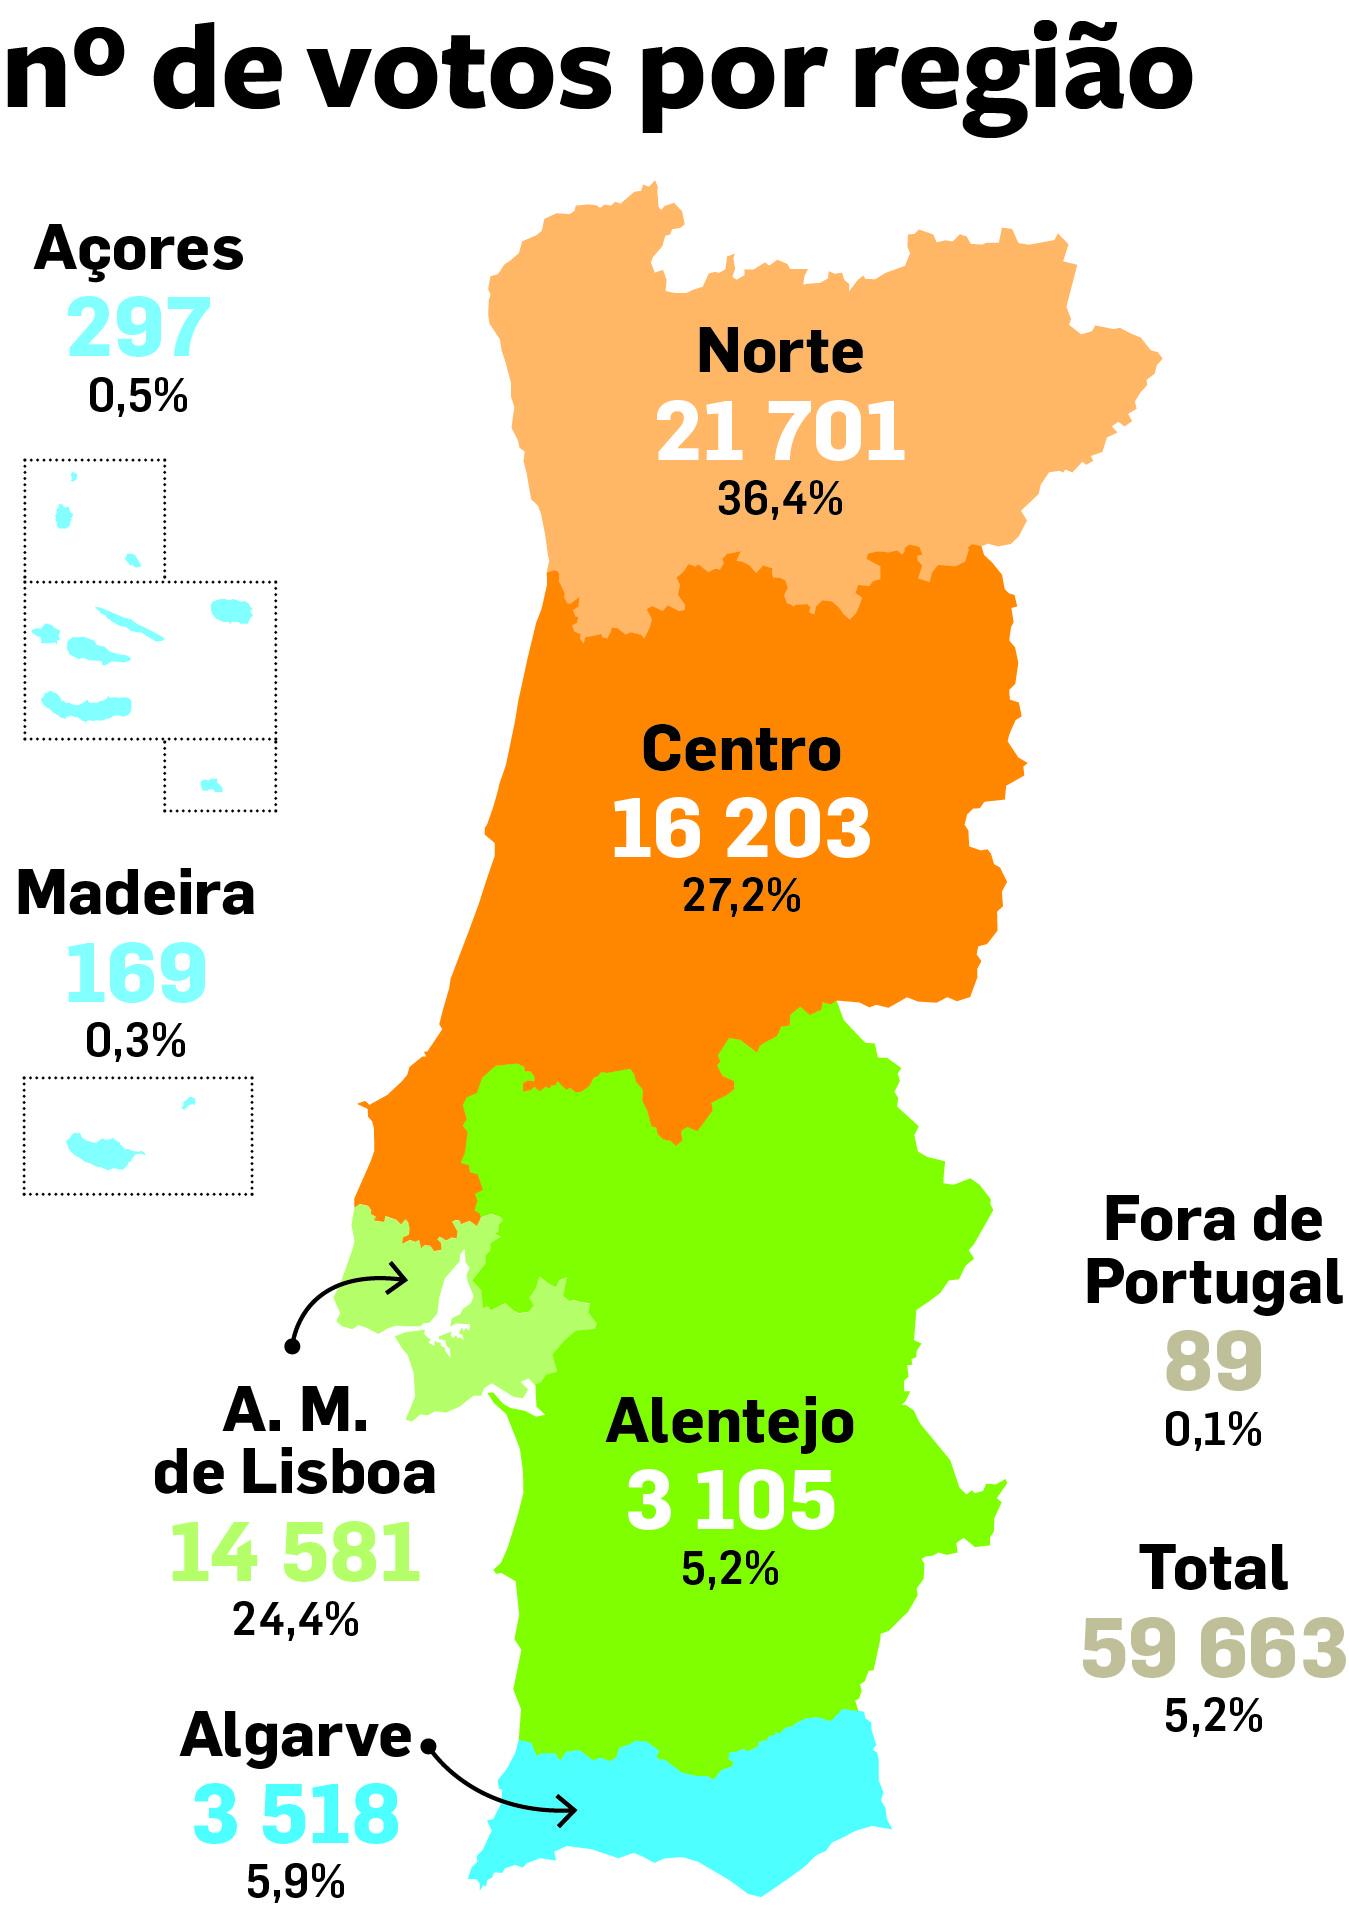 «Miúdos a Votos»: quase 37% dos votos vieram do Norte do país